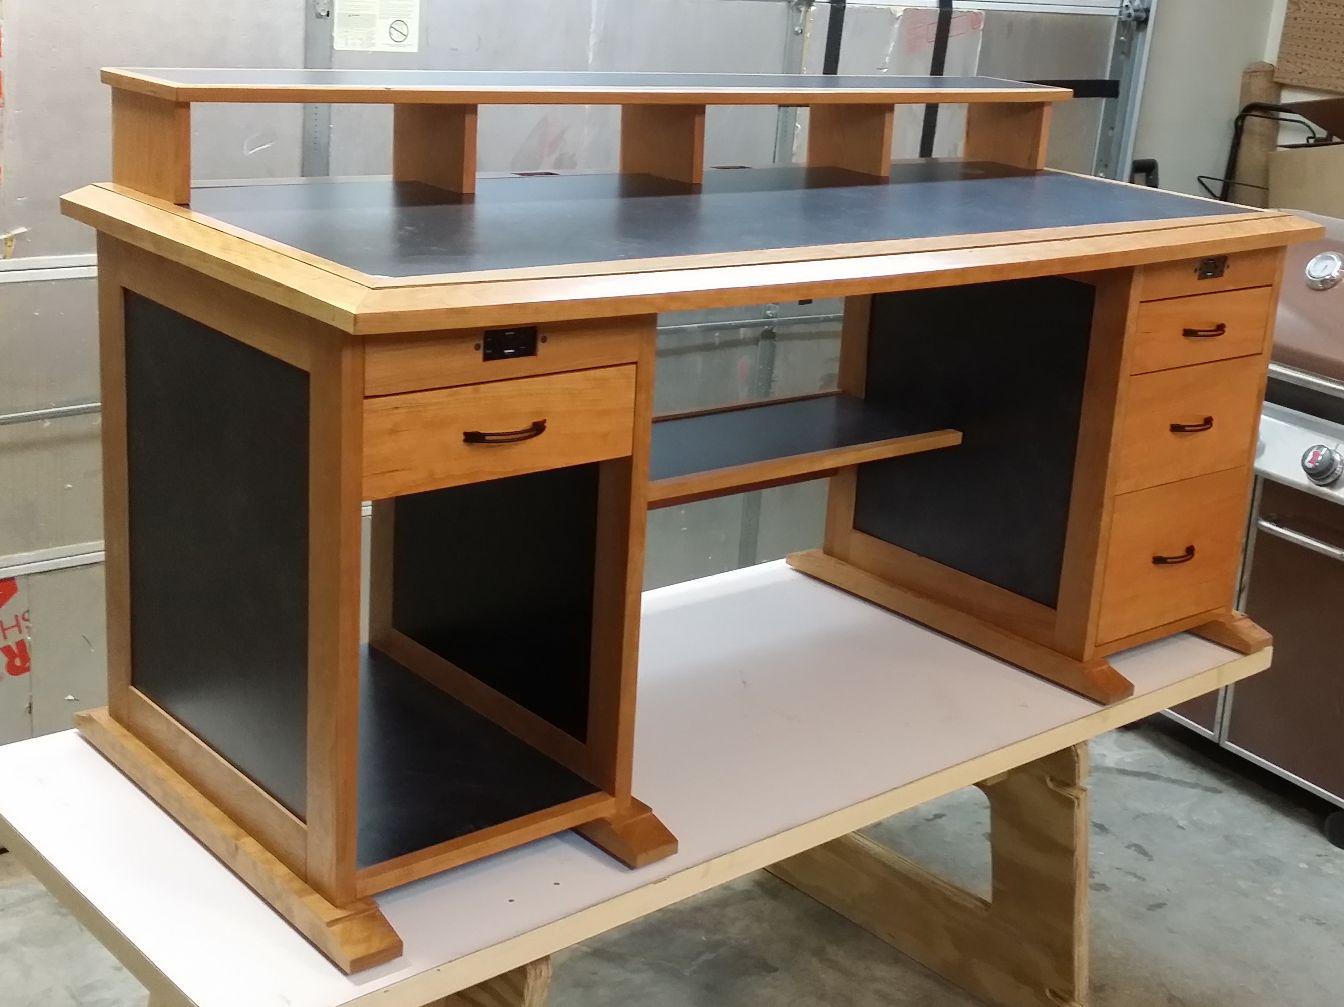 Download Ultimate Computer Desk Plans Pdf Victorian Gingerbread Computer Desk Plans Furniture 7 Computer Desk Plans Desk Plans Wood Desk Plans